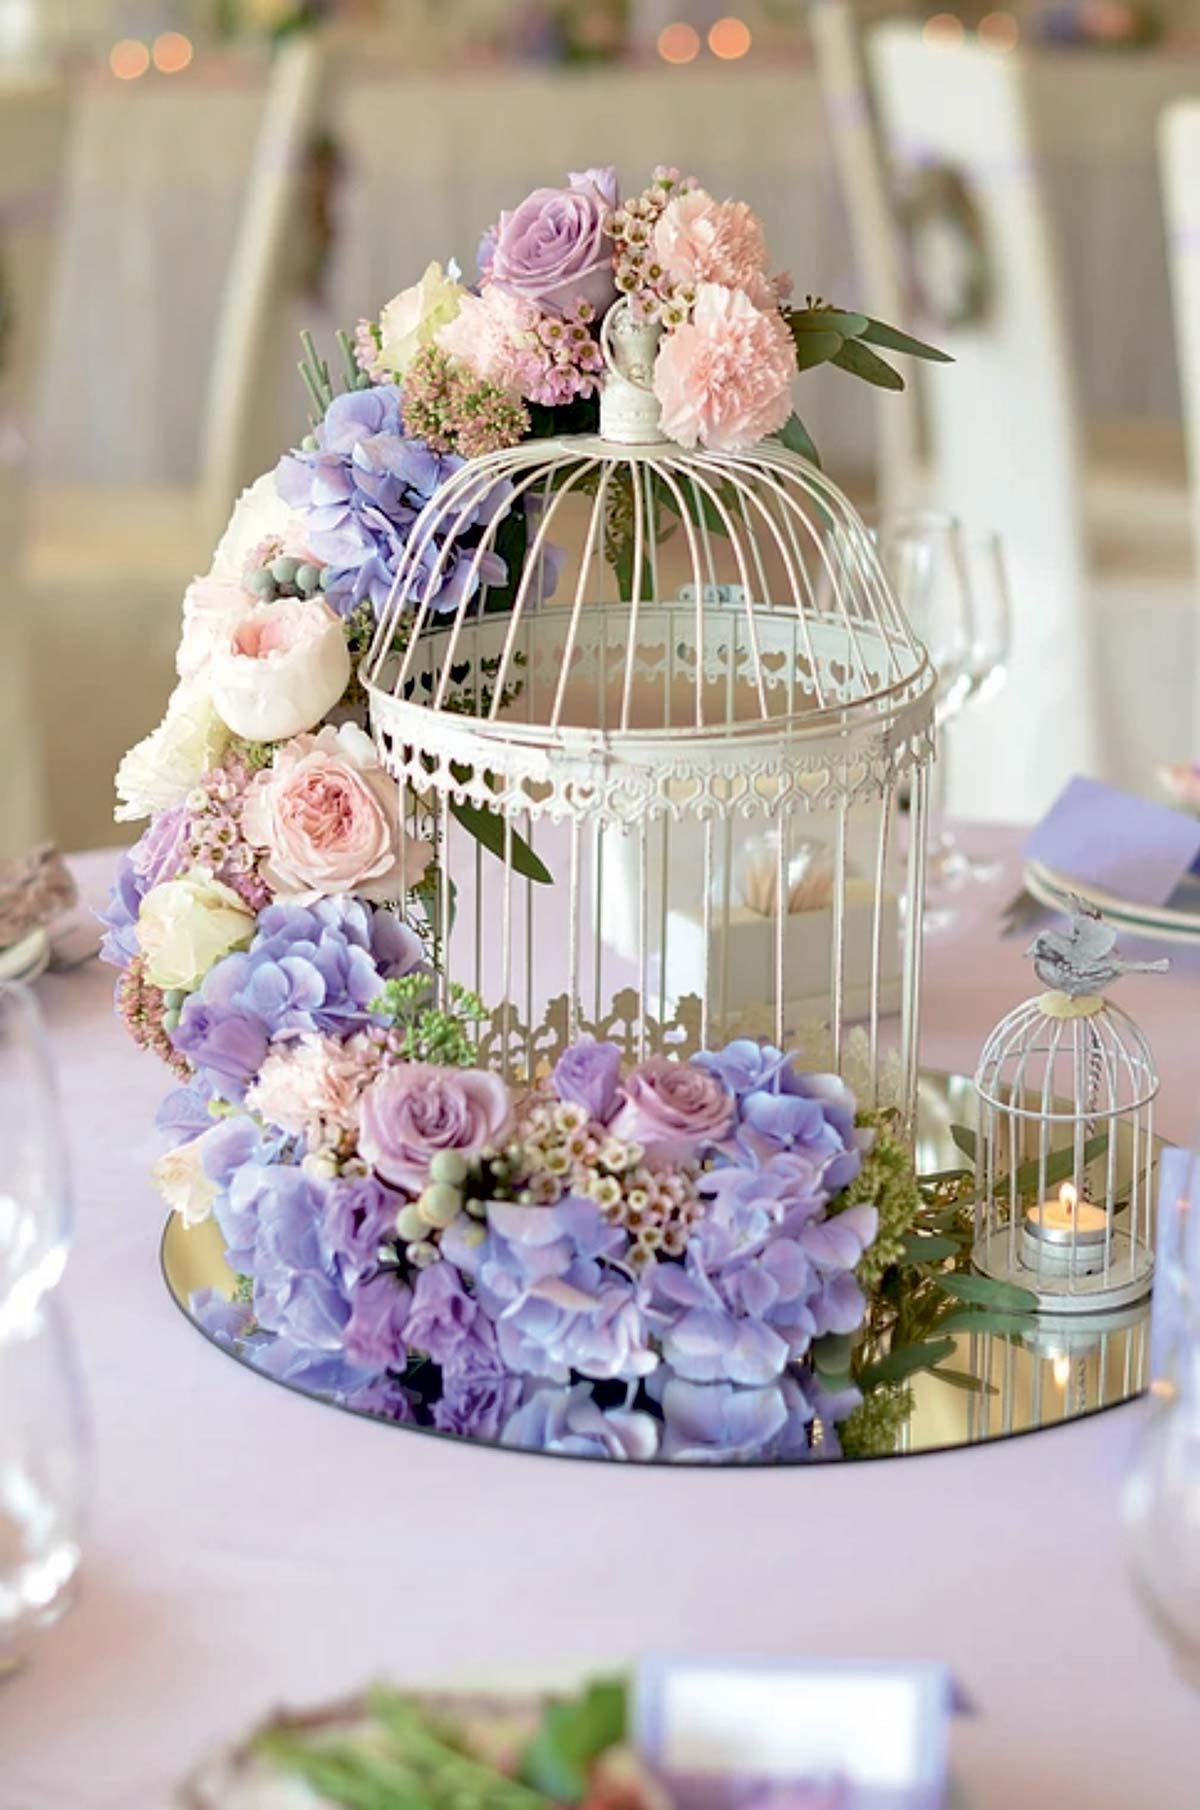 Bouquet avec cage d'oiseau sur une table